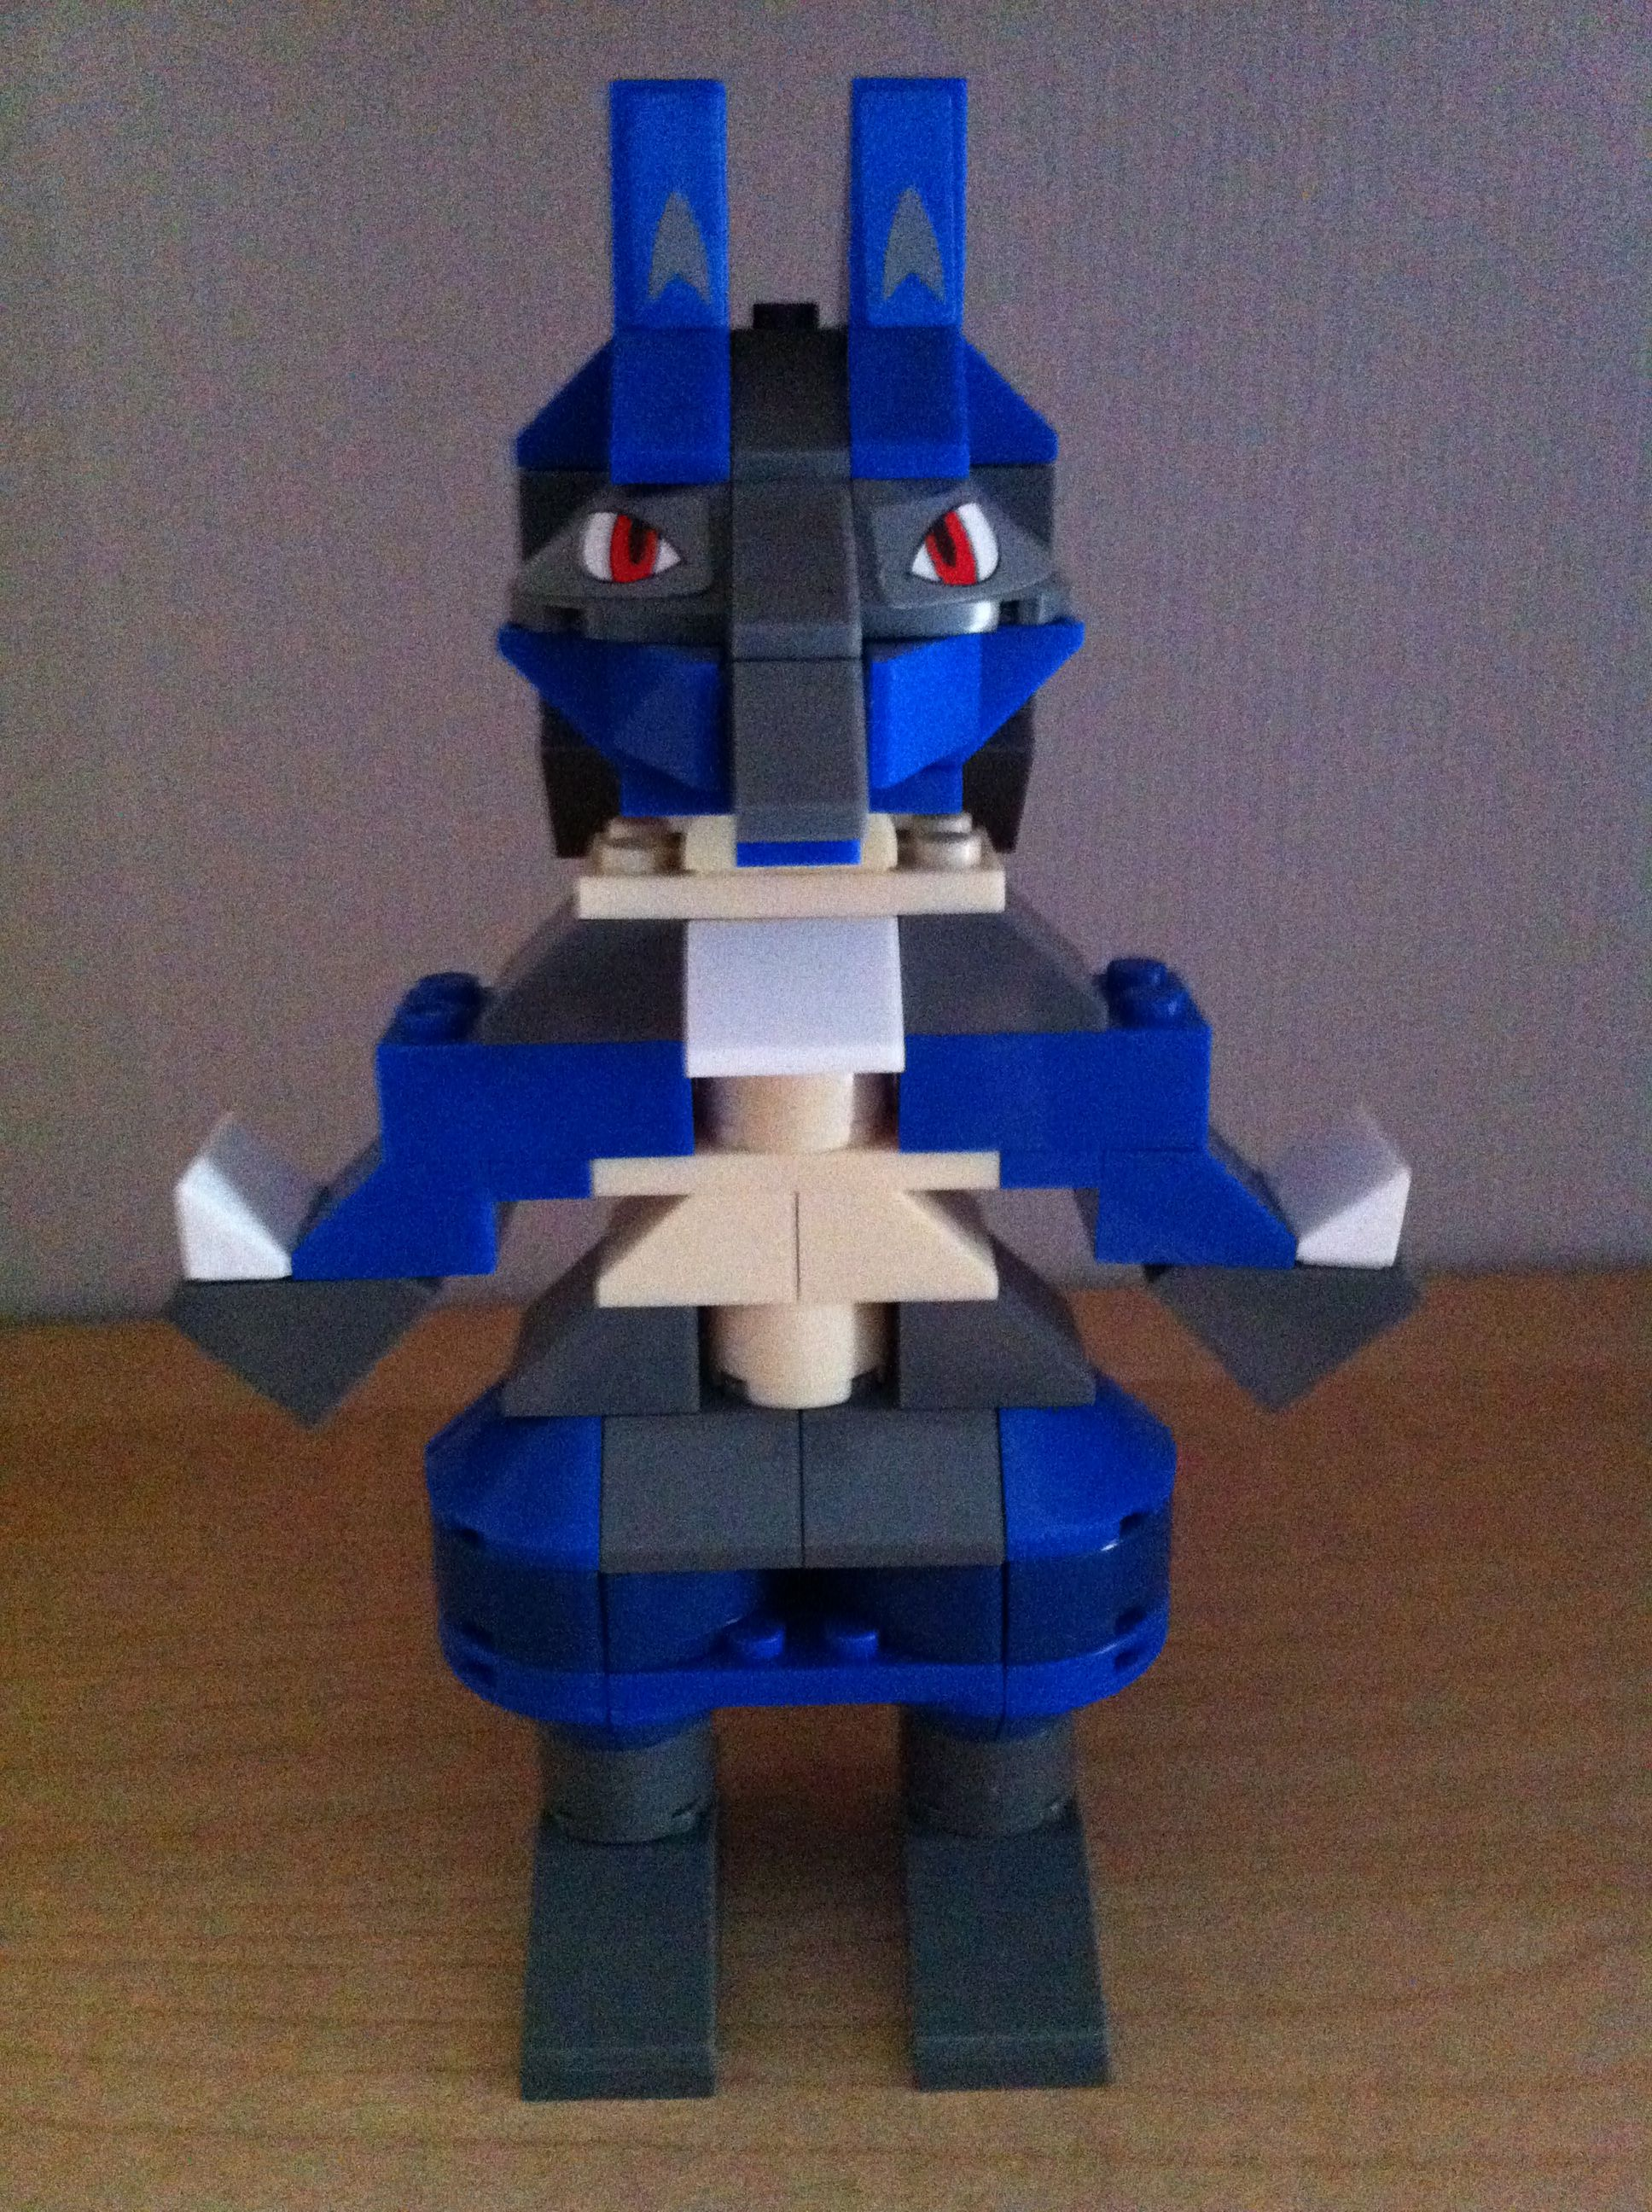 Pokemon mega bloks lucario legos mega bloks pinterest - Lego pokemon rayquaza ...